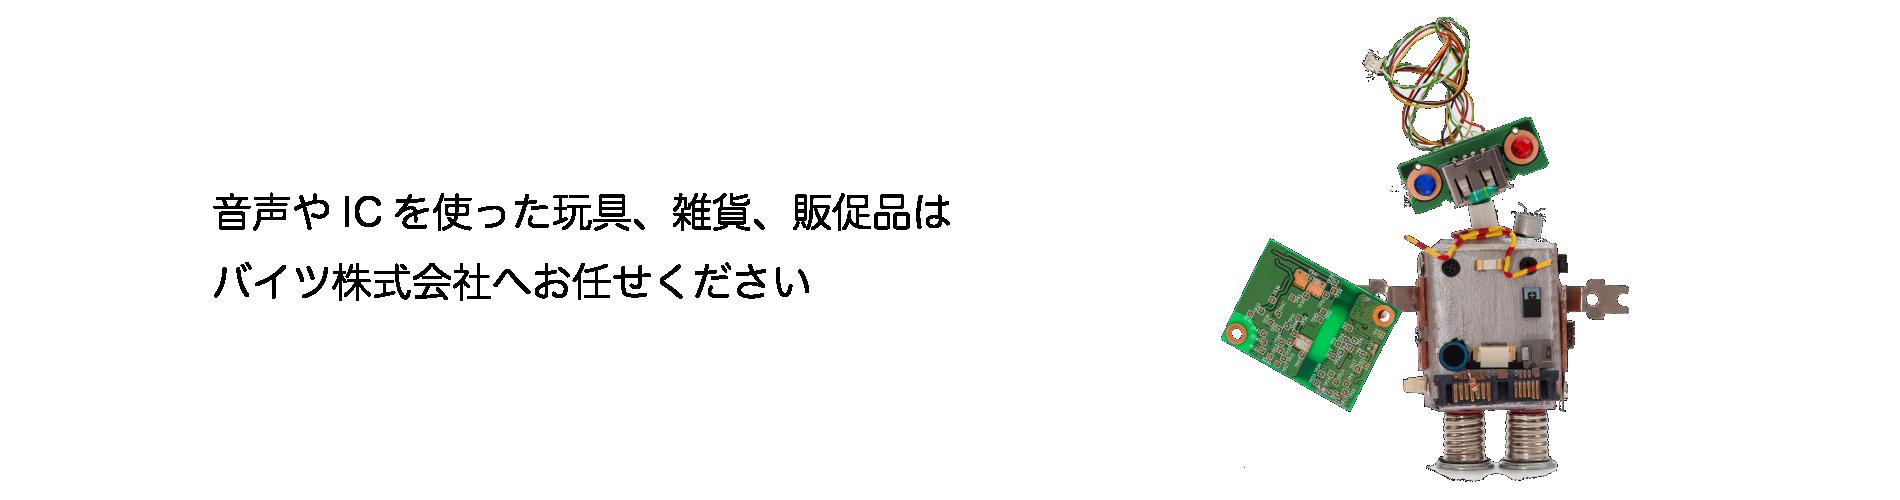 バイツ株式会社 トップ画像2 電子玩具OEM